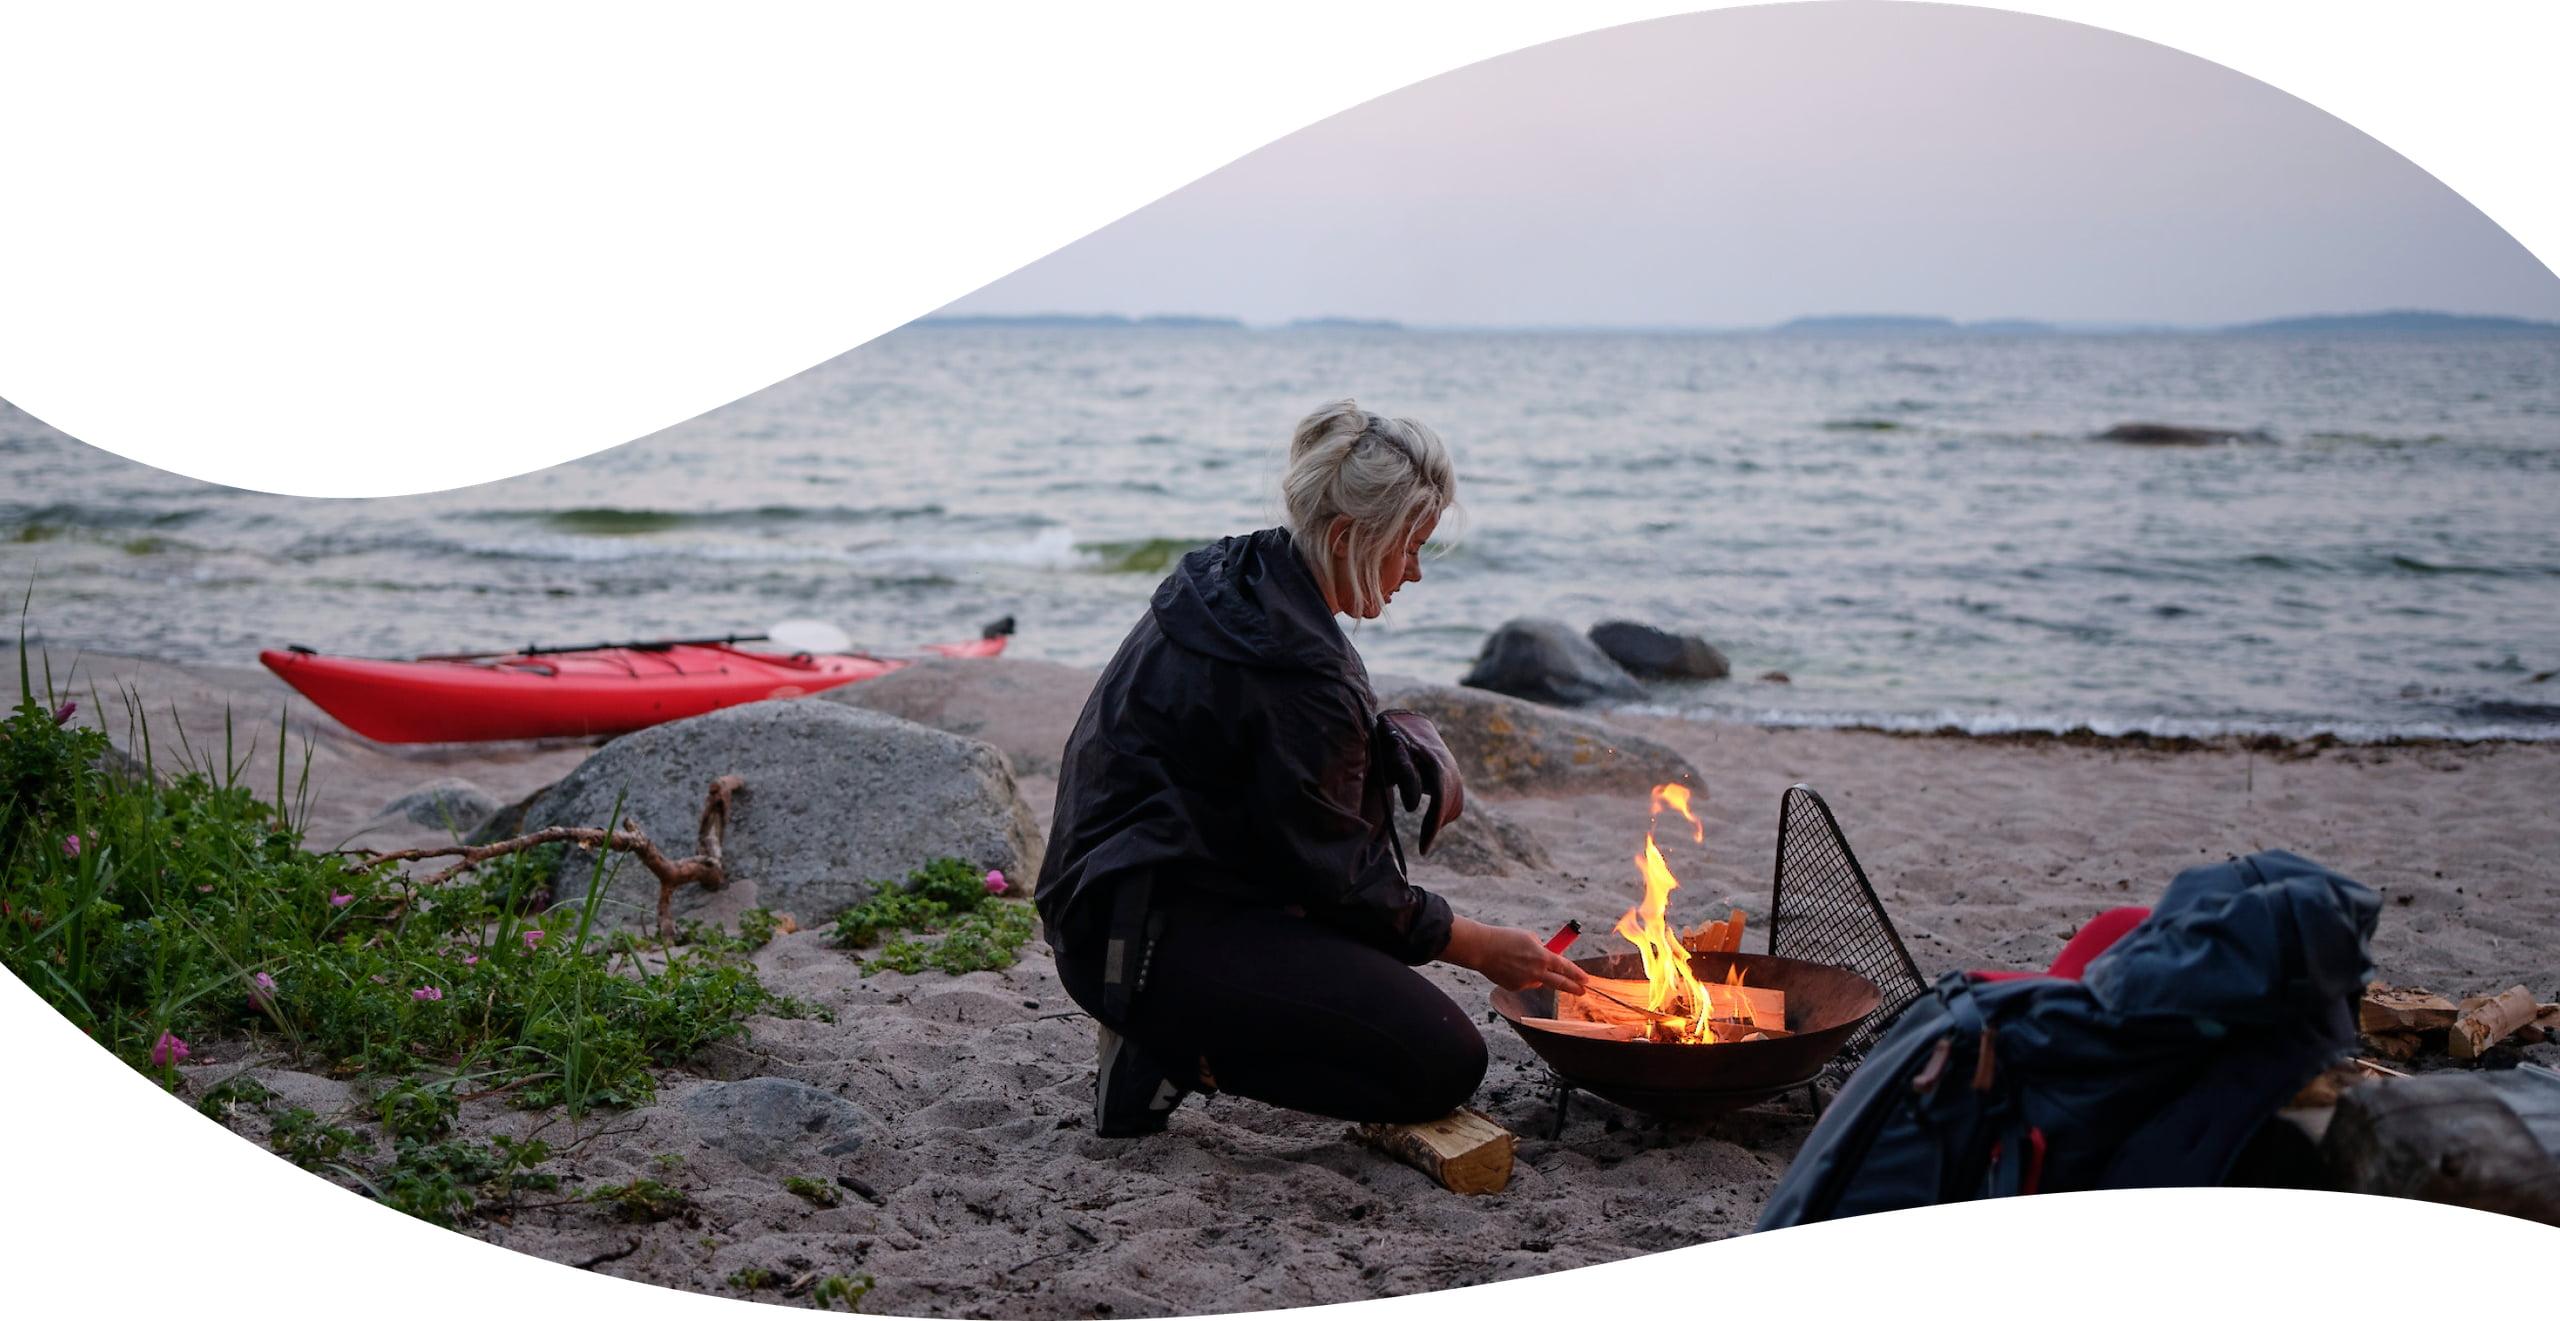 Elle lighting a fire on a beach